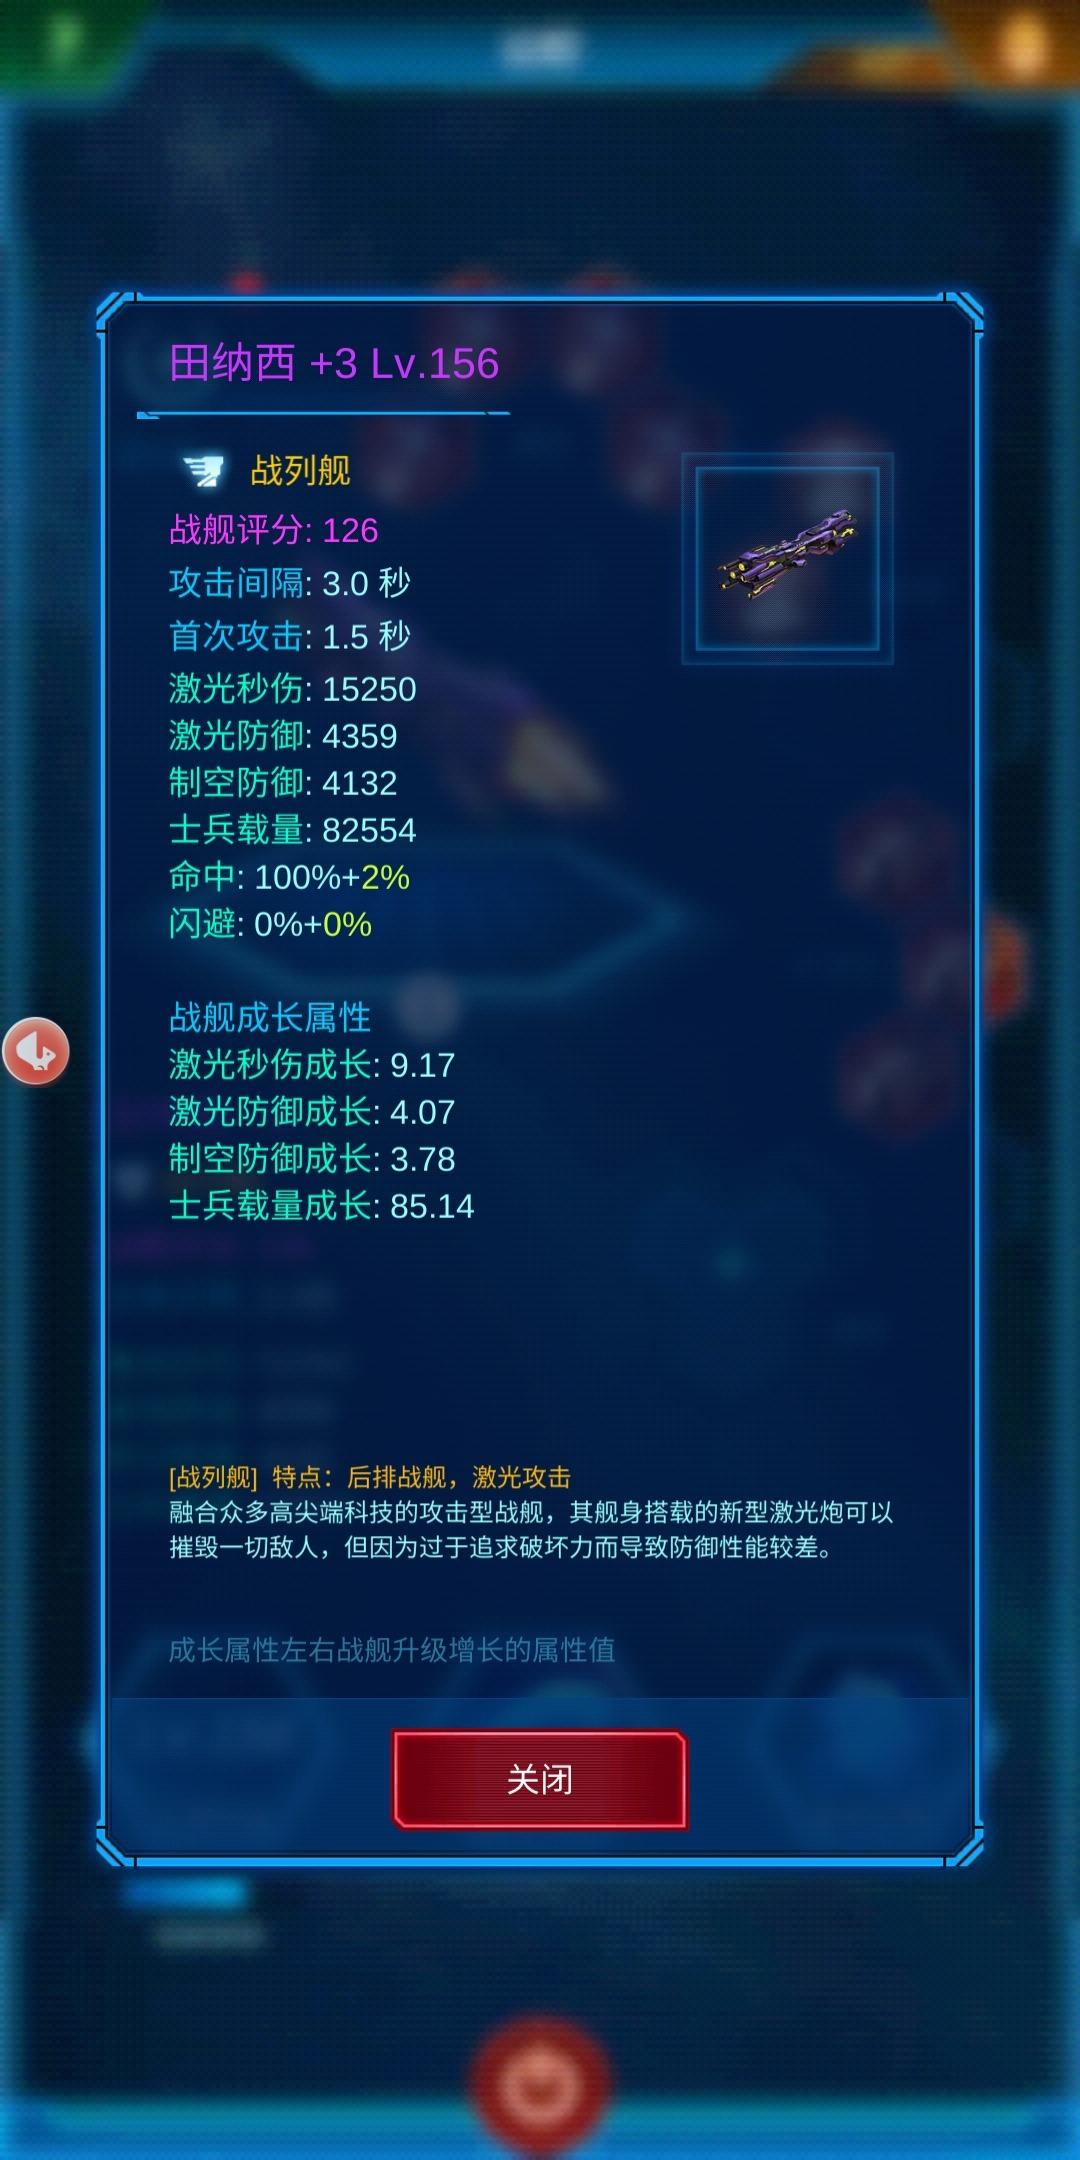 Screenshot_2020-04-14-11-21-40-101_com.xhzfz.mobile.xjjd.jpg